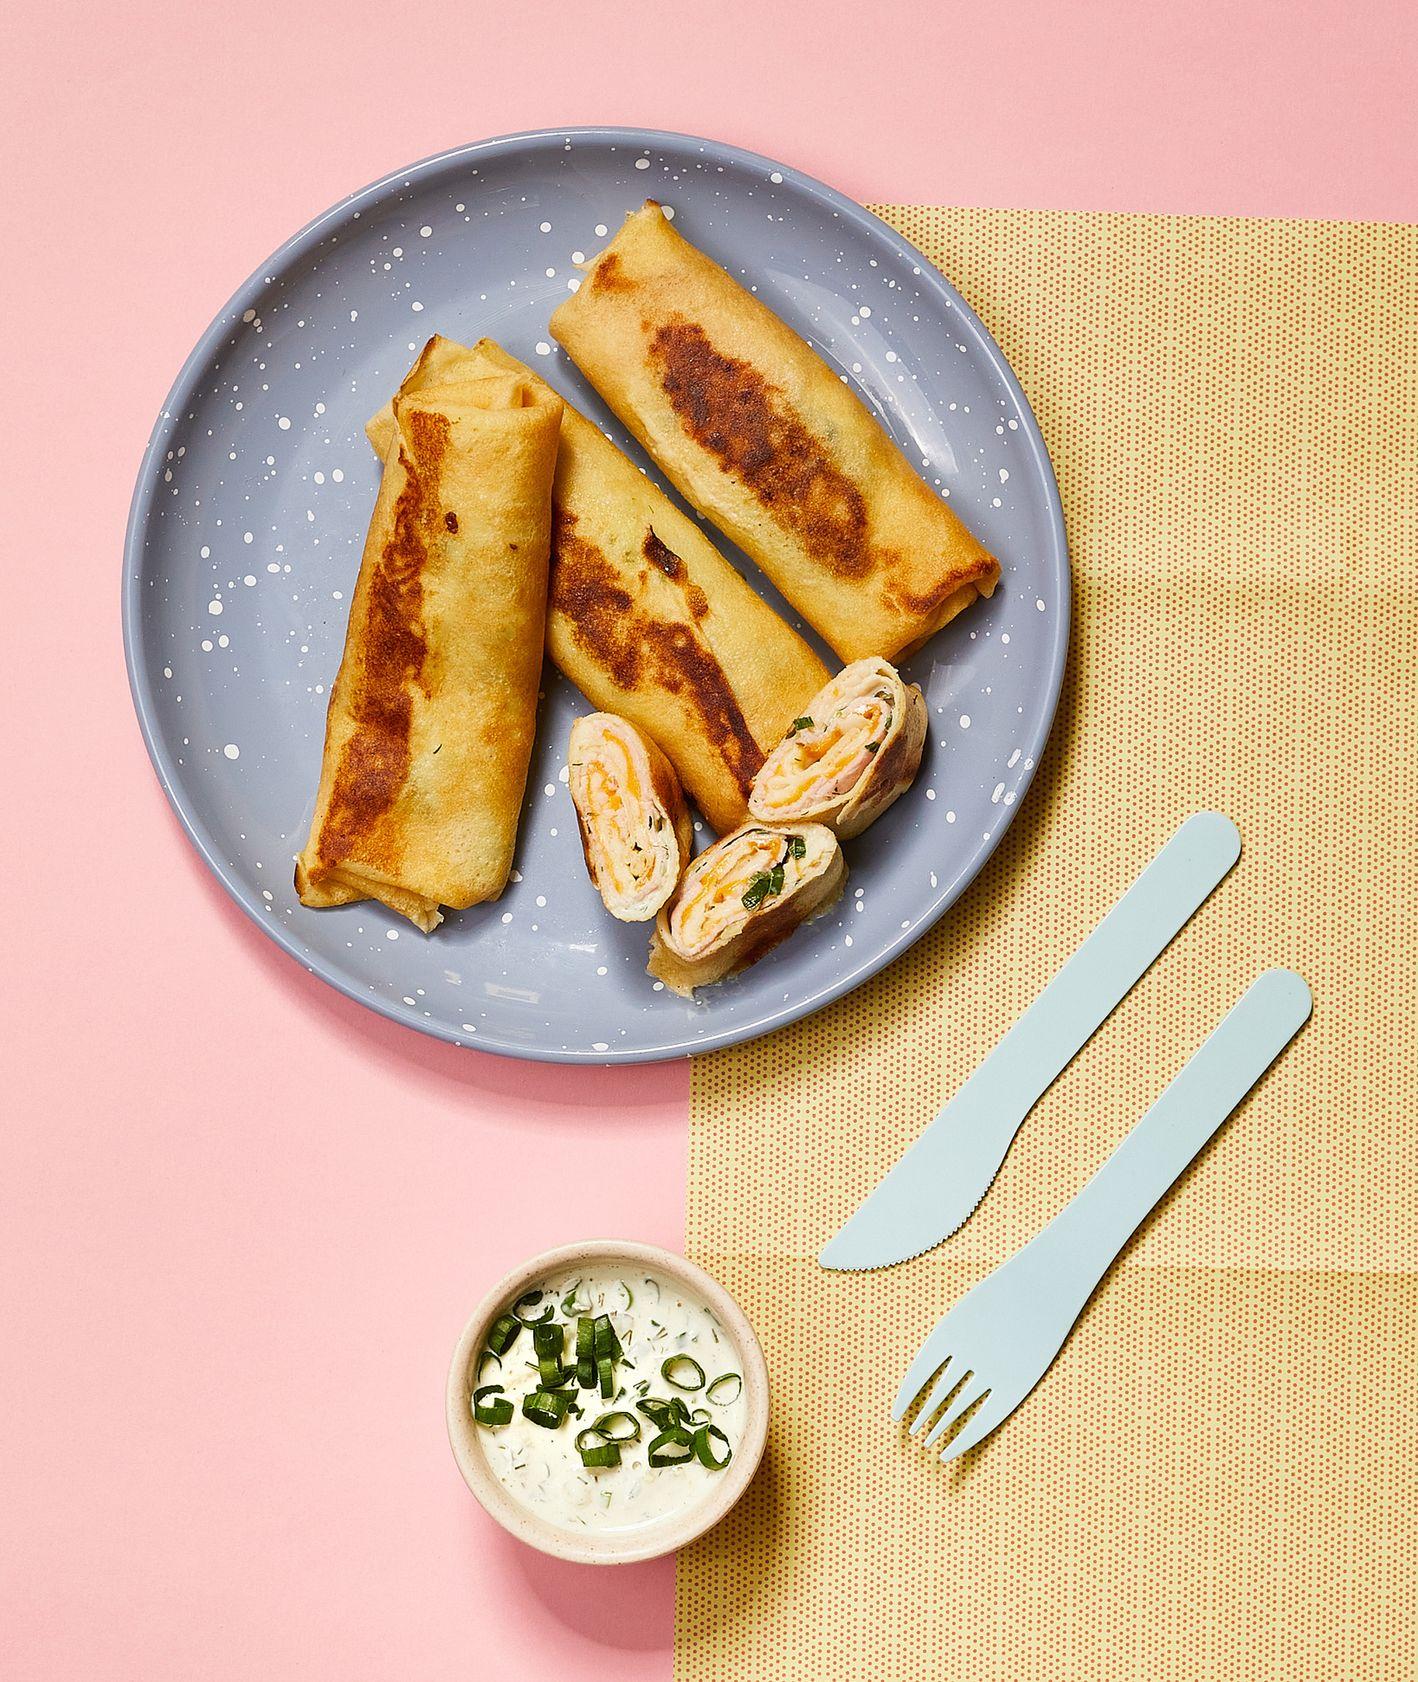 Przepis na naleśniki z szynką i serem, pomysł na naleśniki na słono, pomysł na obiad dla dziecka (fot. Maciej Niemojewski)